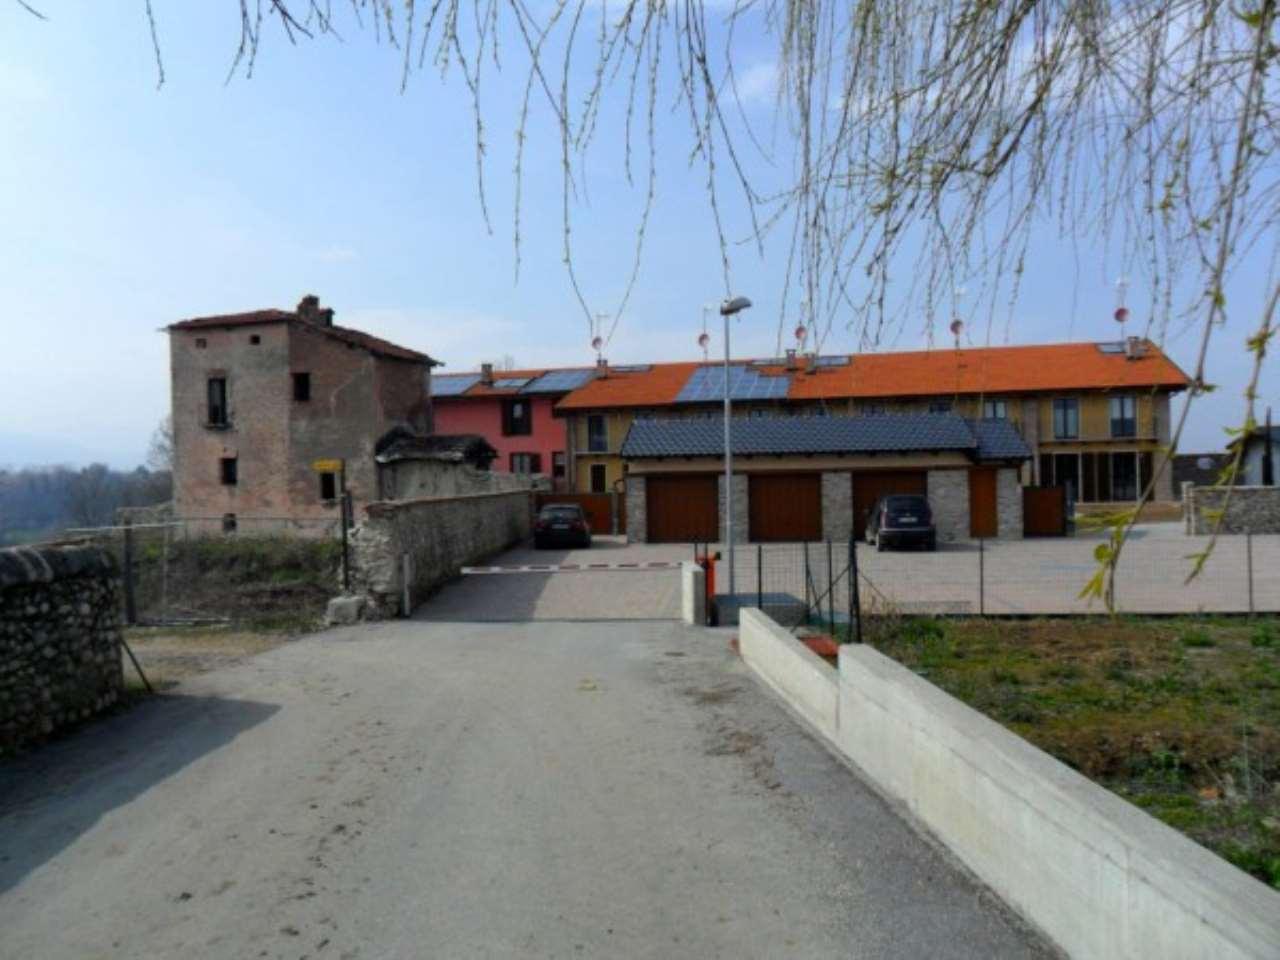 Rustico / Casale in vendita a Cuneo, 2 locali, prezzo € 200.000 | Cambio Casa.it